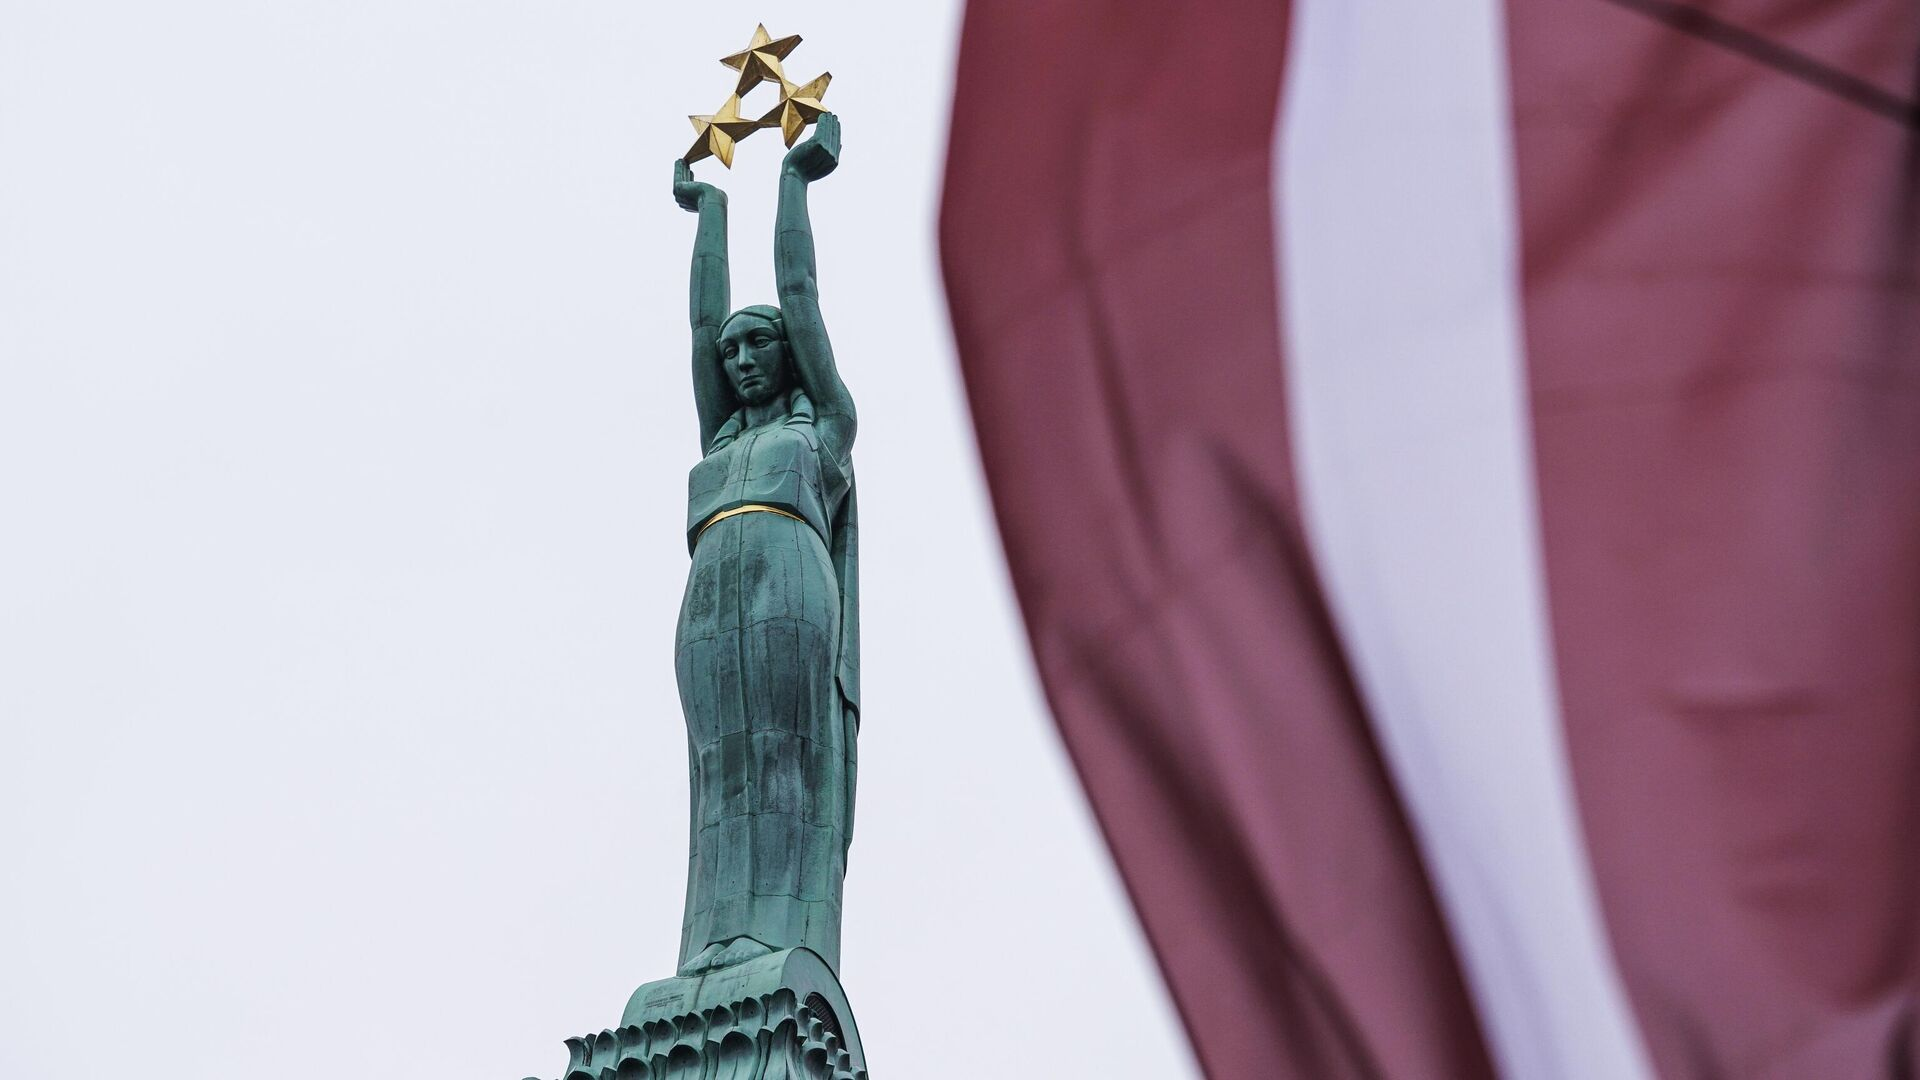 Памятник Свободы в Риге  - РИА Новости, 1920, 08.02.2021